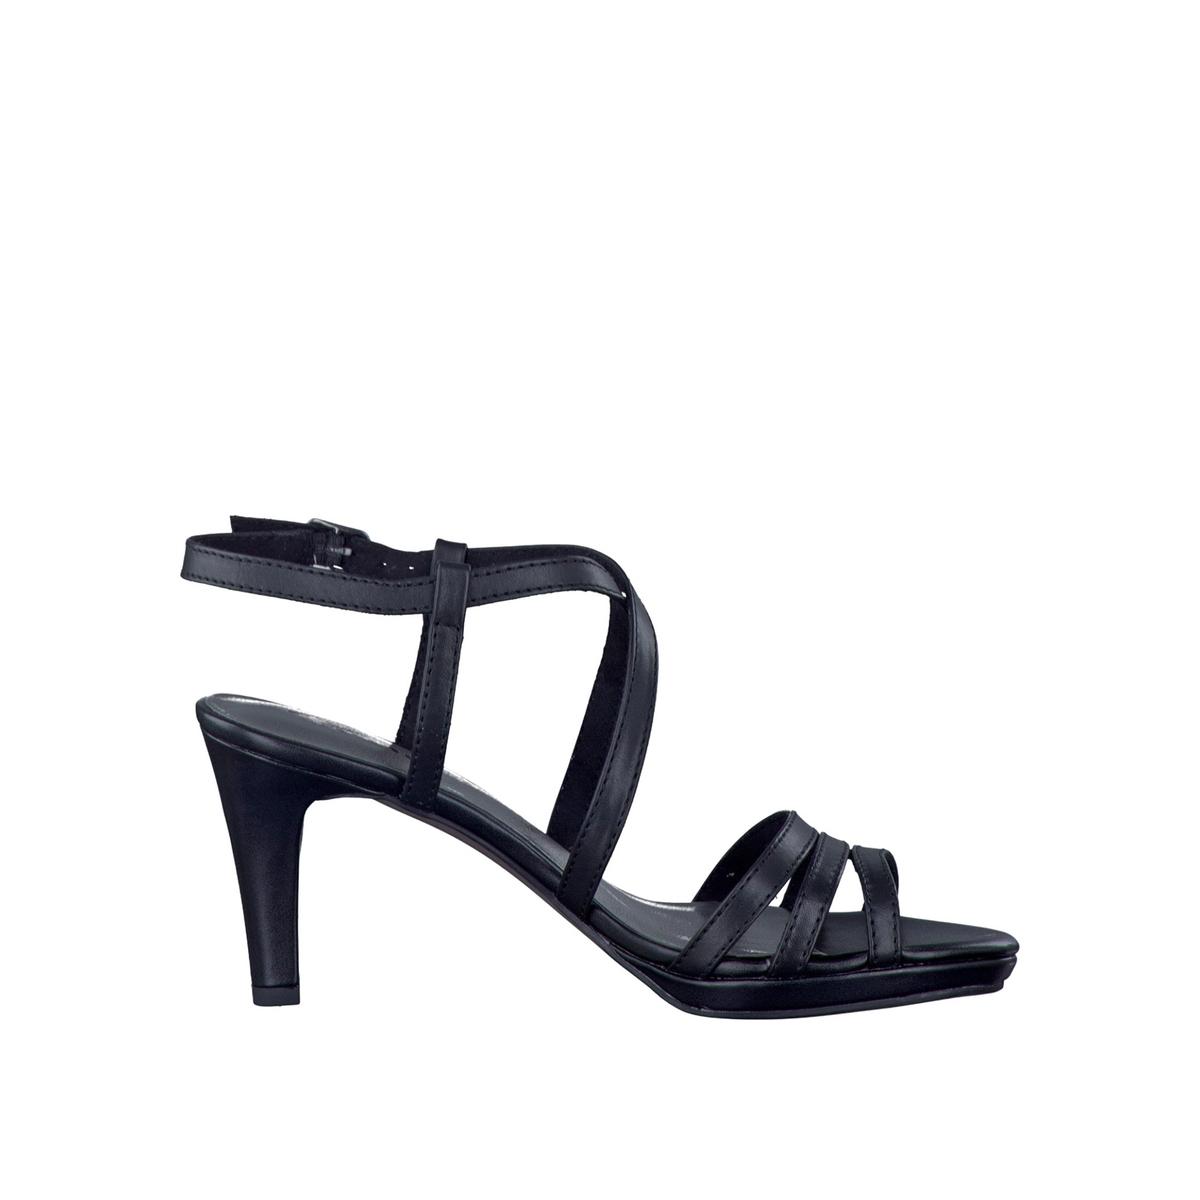 Сандалии кожаные 28399-38Верх : кожа Подкладка : текстиль Стелька : синтетика Подошва : синтетика Высота каблука : 7,5 см   Форма каблука : тонкий каблук Мысок : закругленный мысокЗастежка : пряжка<br><br>Цвет: черный<br>Размер: 41.39.37